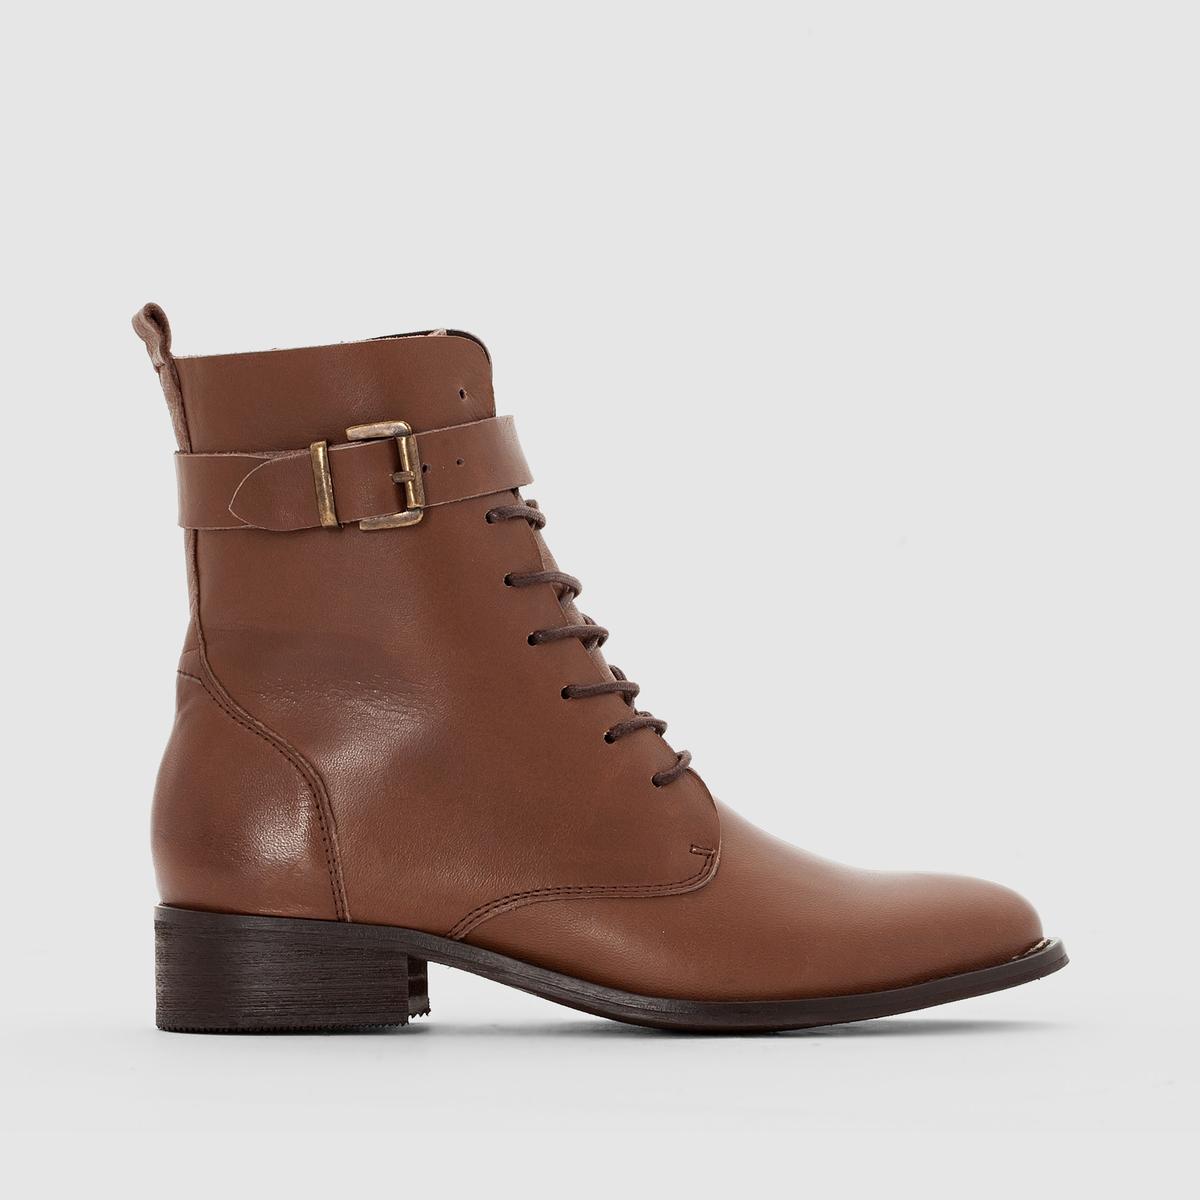 Ботильоны кожаные на шнуровке от R essentiel